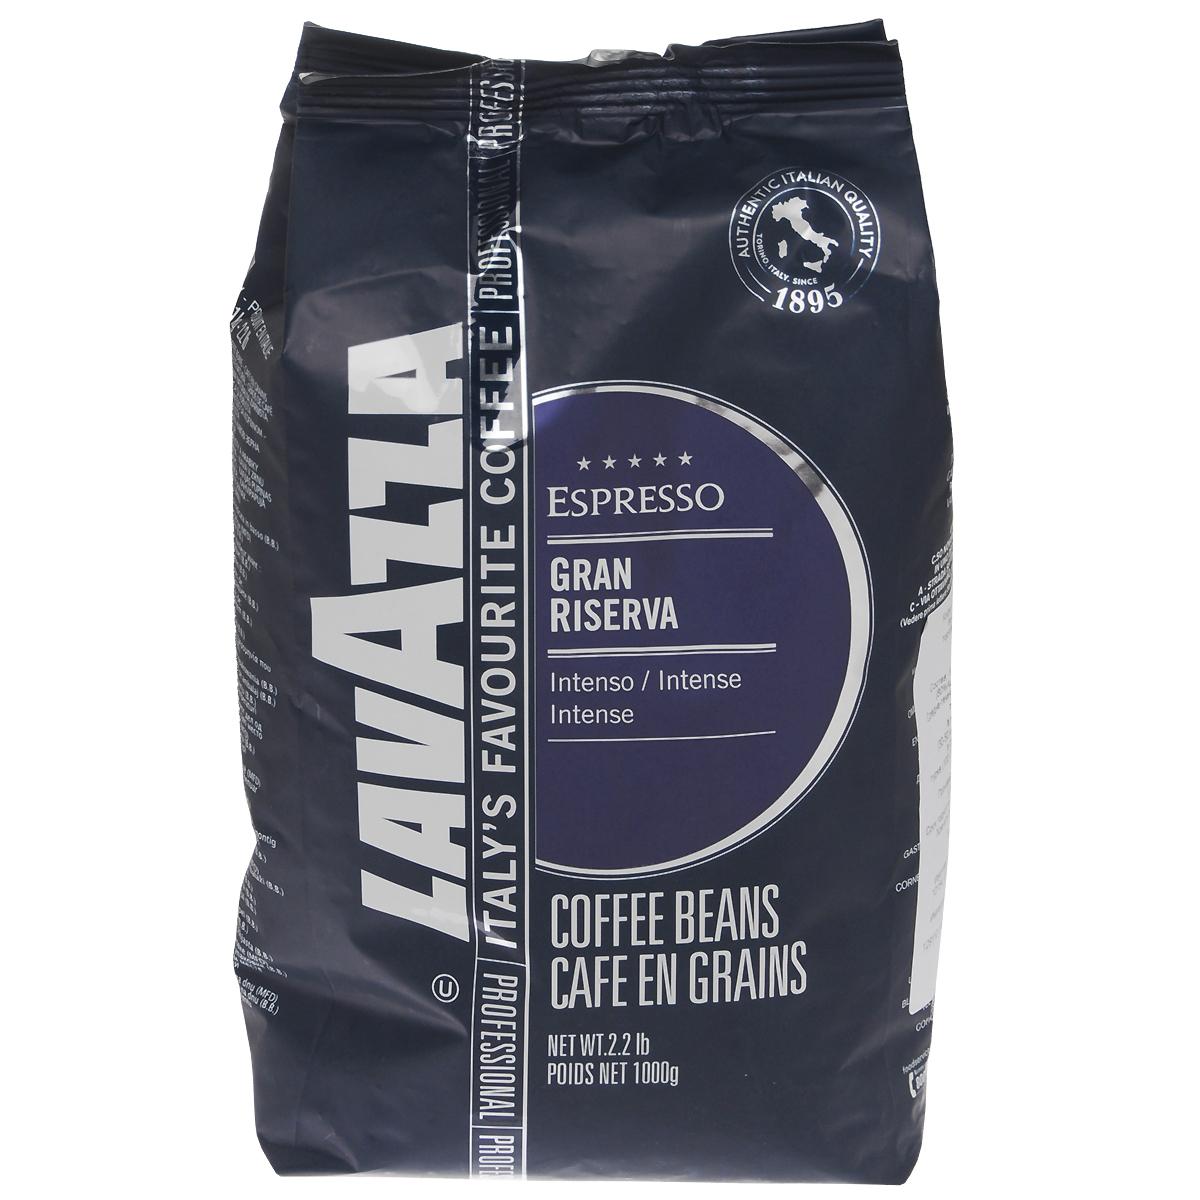 Lavazza Gran Riserva кофе в зернах, 1 кг8000070022300Lavazza Gran Riserva изготовлен из лучших кофейных зерен средней степени обжарки, поэтому поражает многогранностью вкуса. Тонкий аромат не оставит равнодушным ни одного кофейного гурмана.